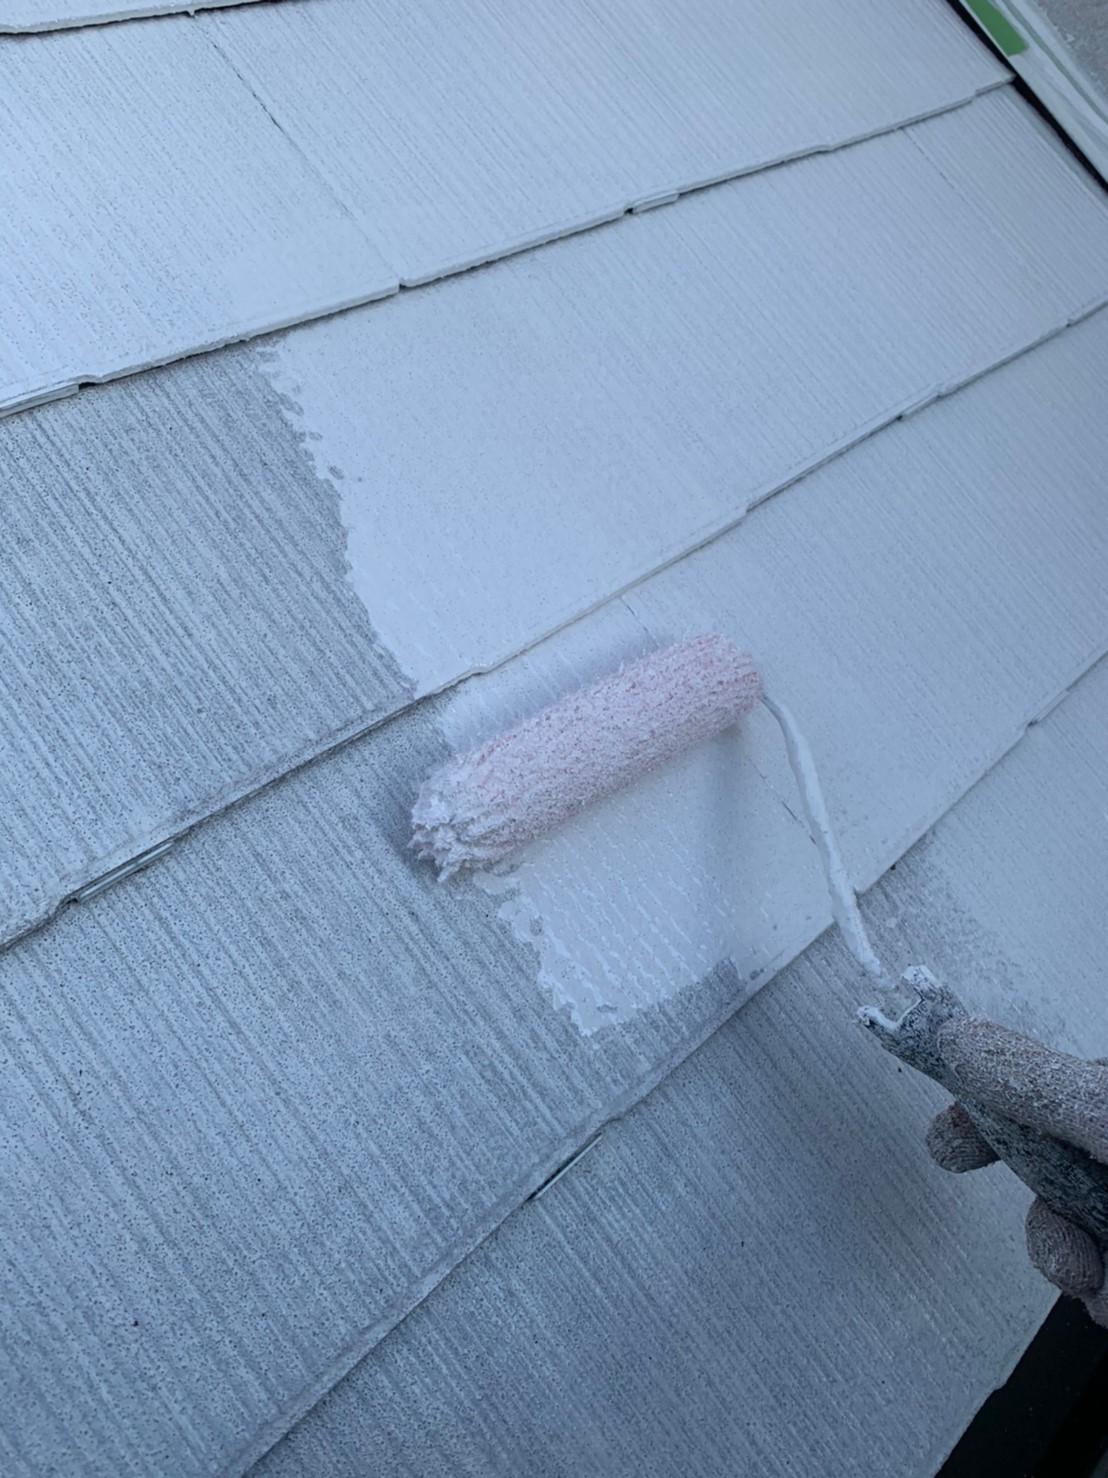 多治見市、屋根塗装下塗り2回目